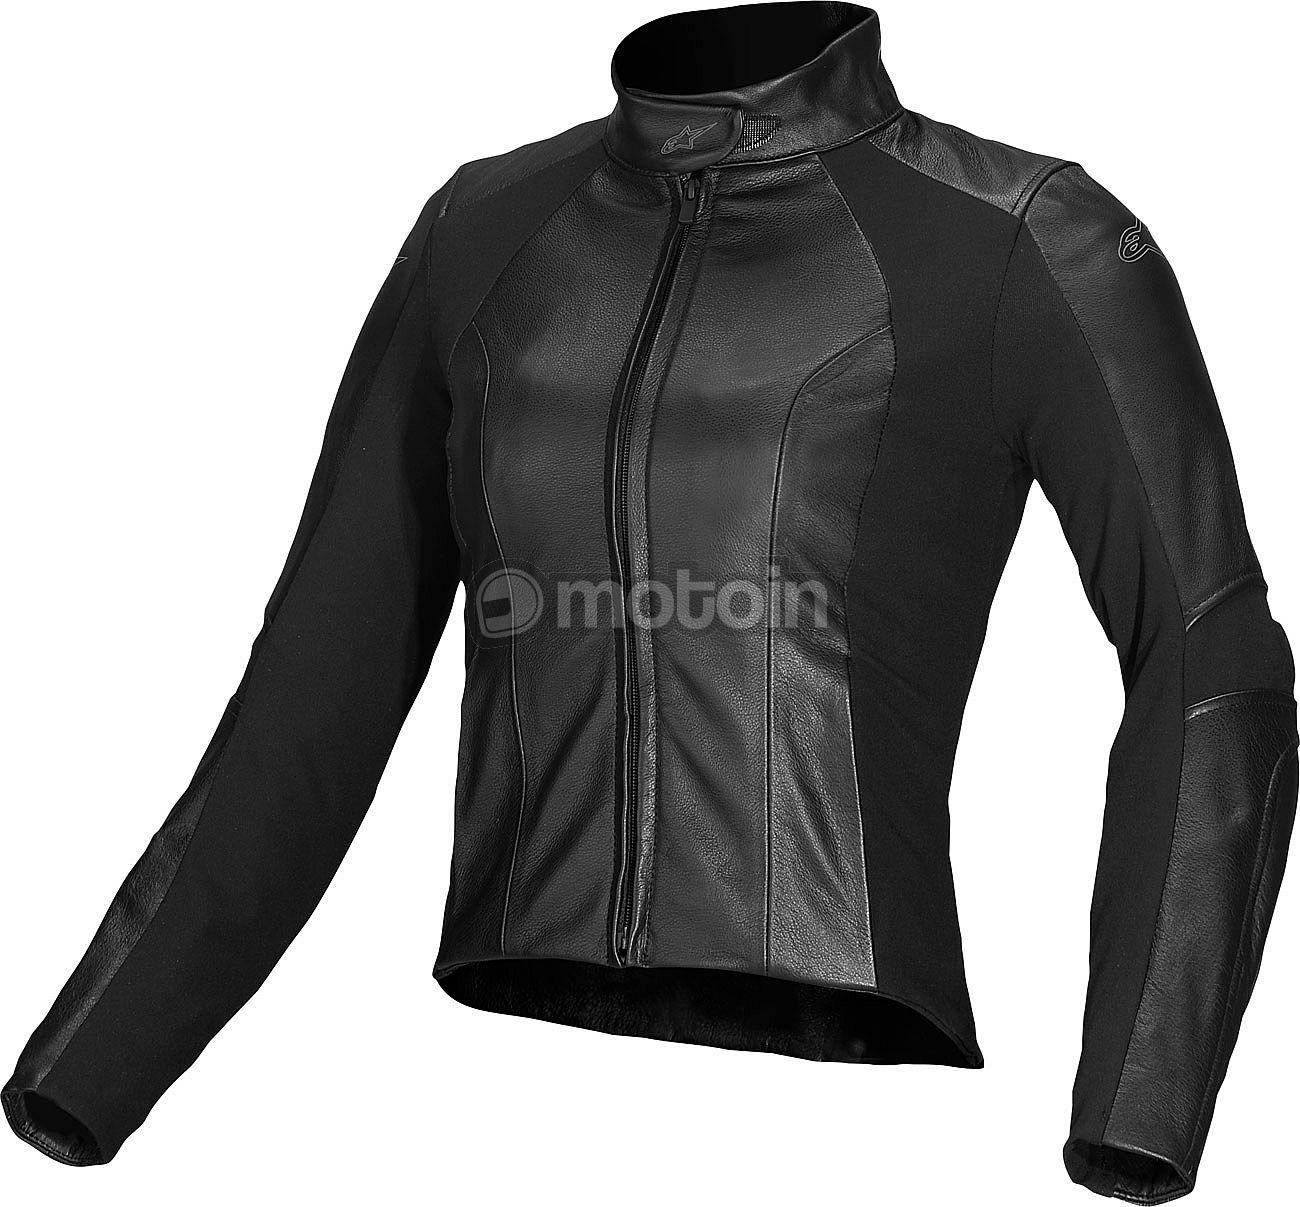 alpinestars vika leather jacket. Black Bedroom Furniture Sets. Home Design Ideas